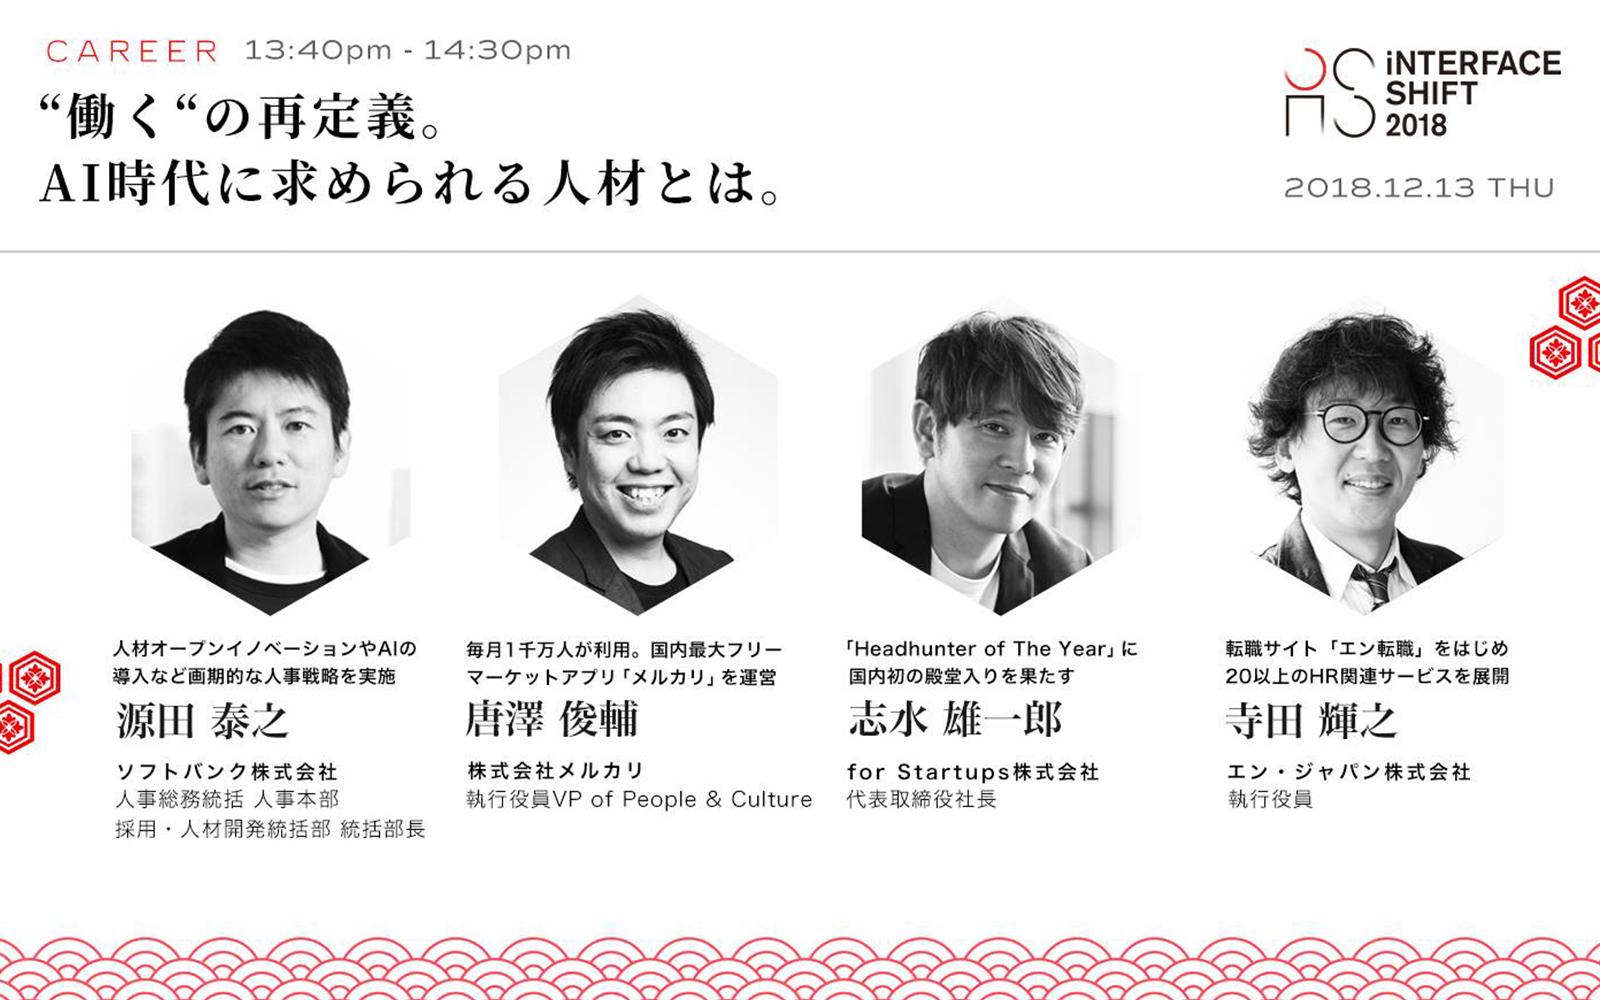 『iNTERFACE SHIFT 2018』に、弊社代表の志水雄一郎、ヒューマンキャピタリストの弘中寛太が登壇いたします。